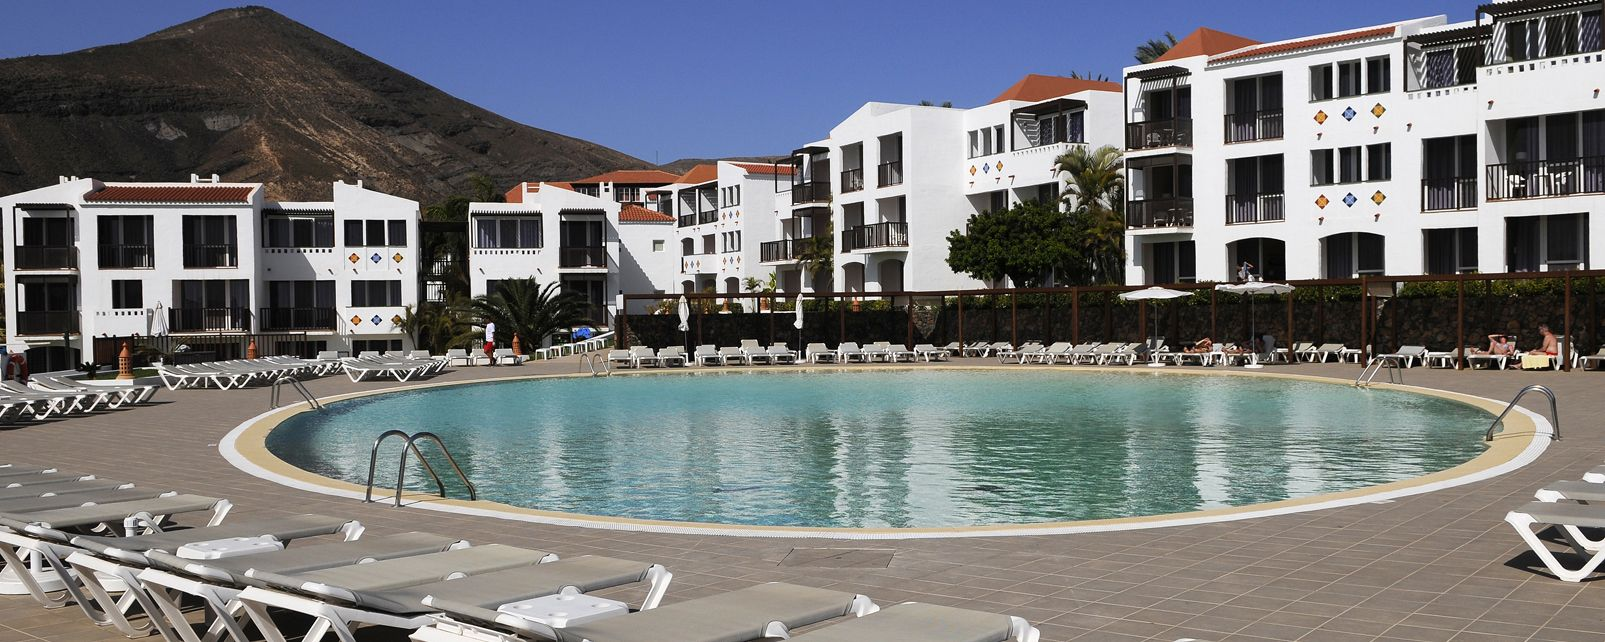 Hôtel Esencia de Fuerteventura by Princess